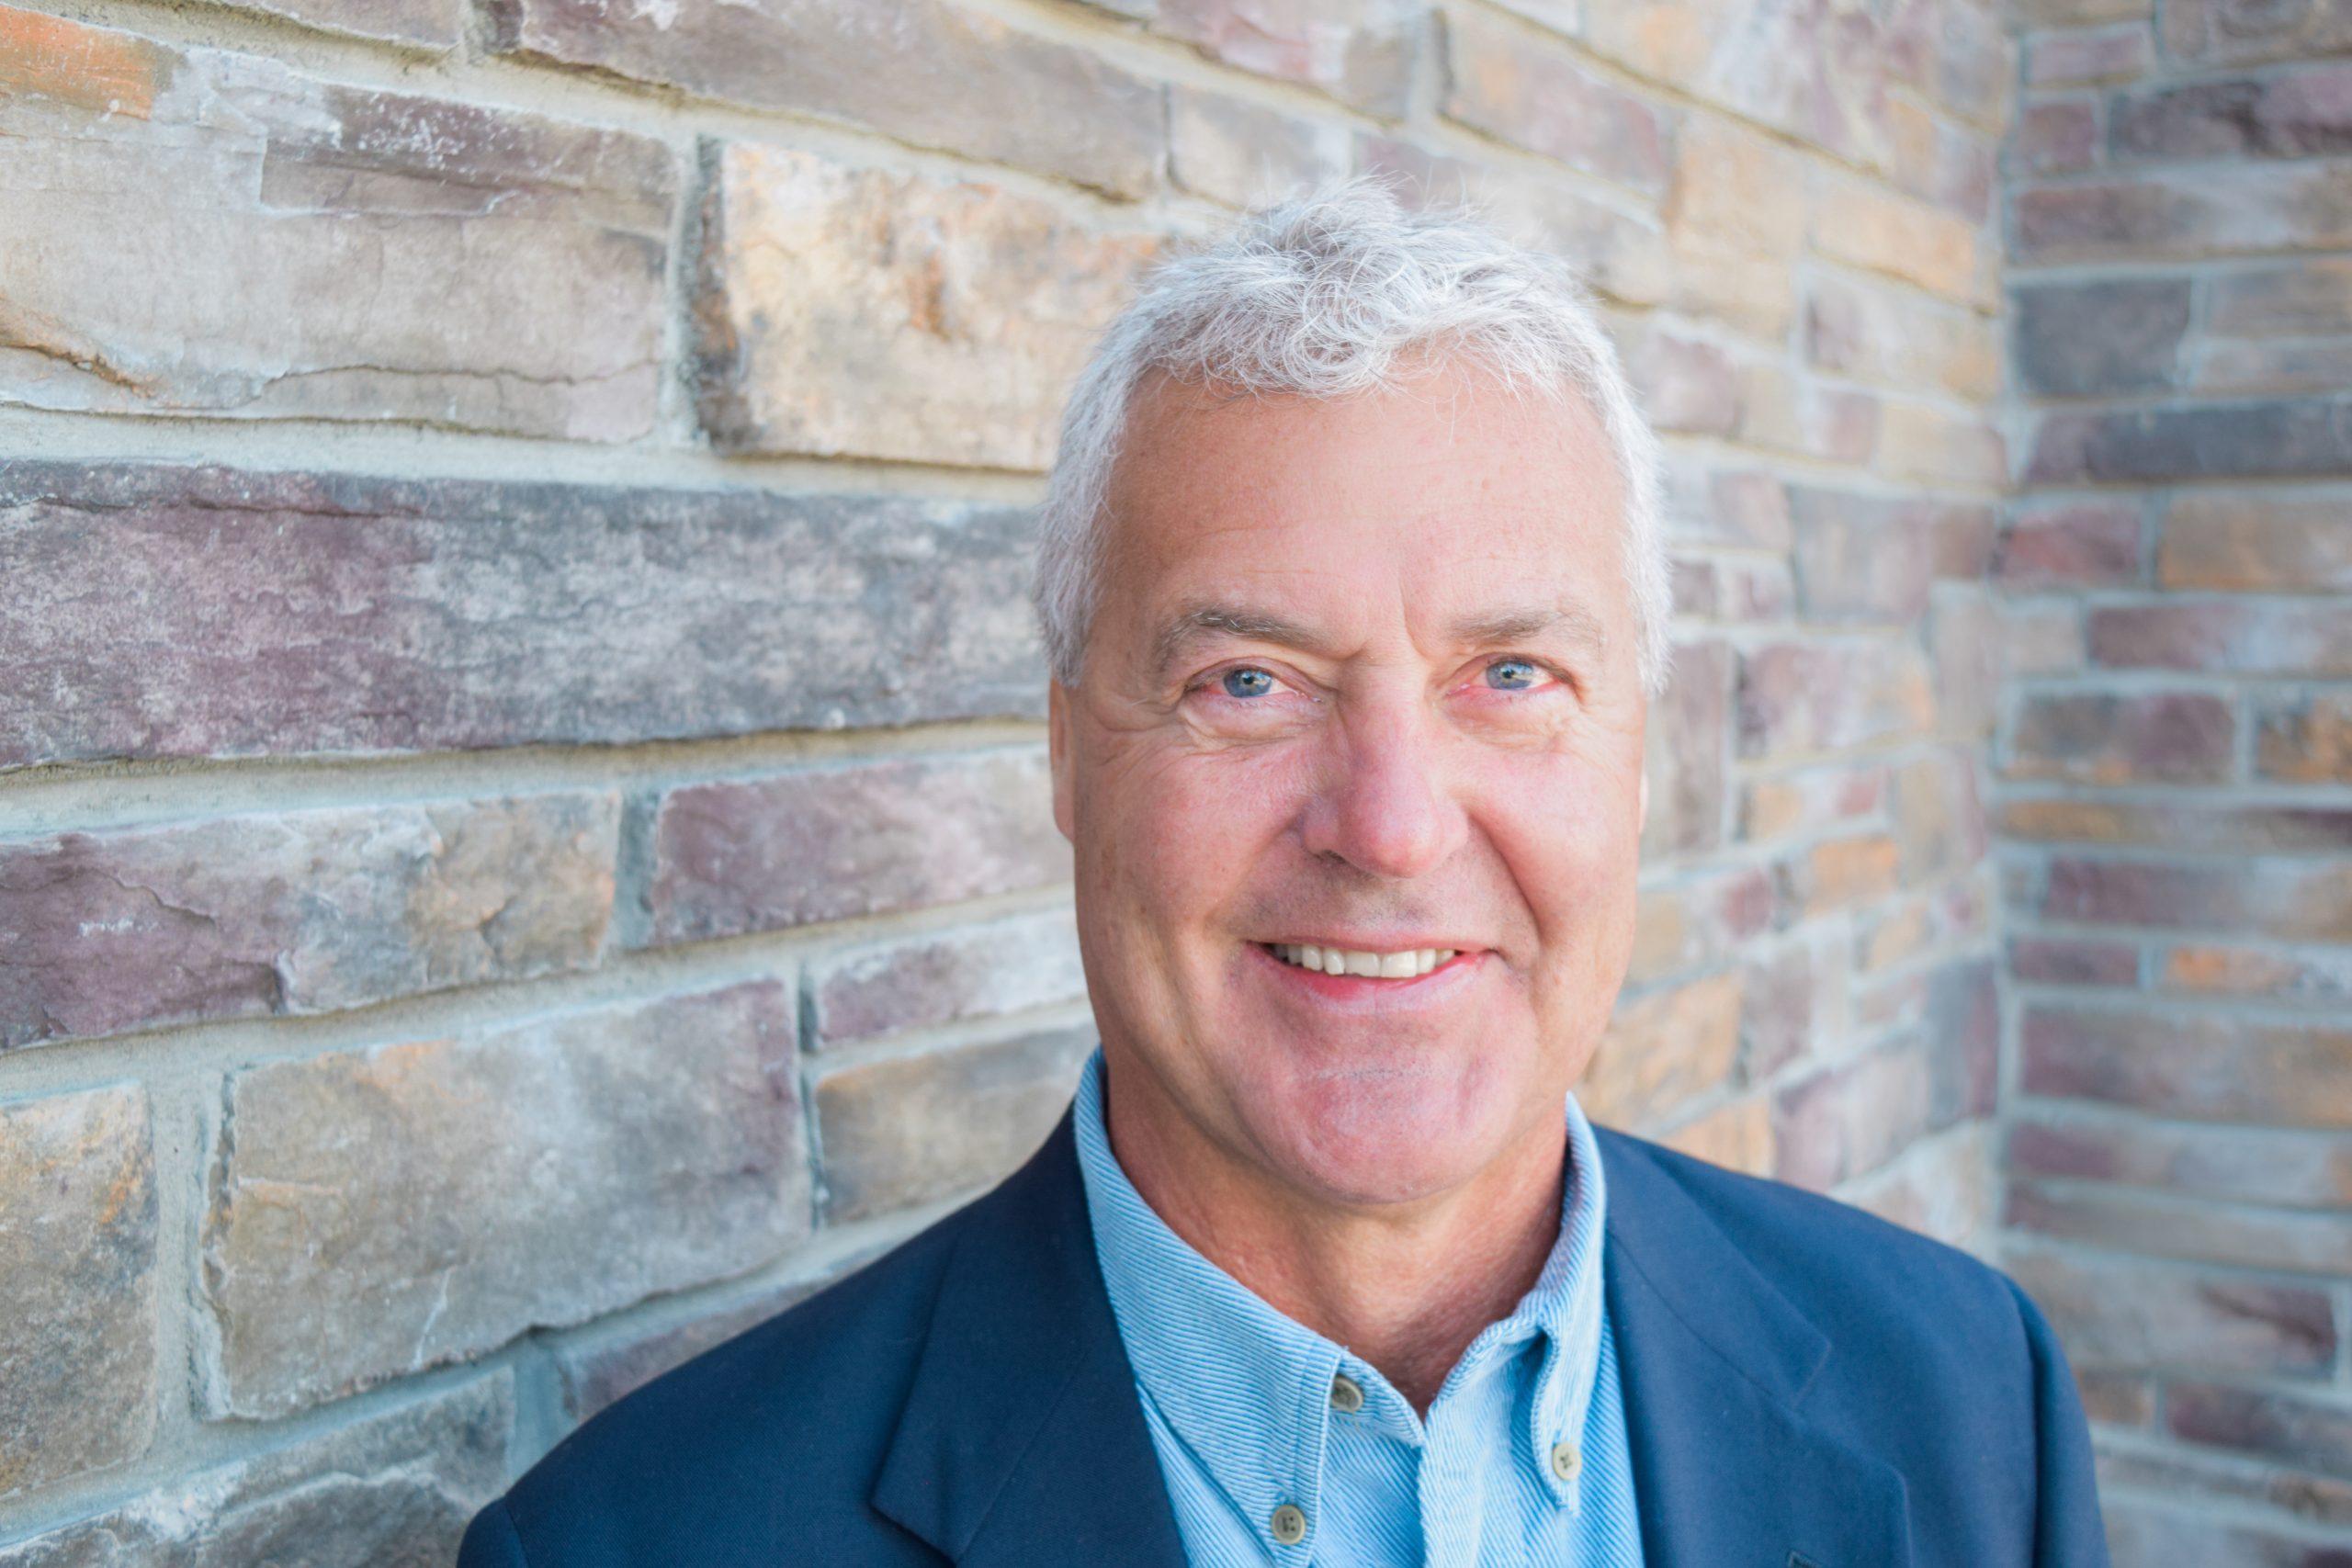 Scot Schemerhorn, Board Member